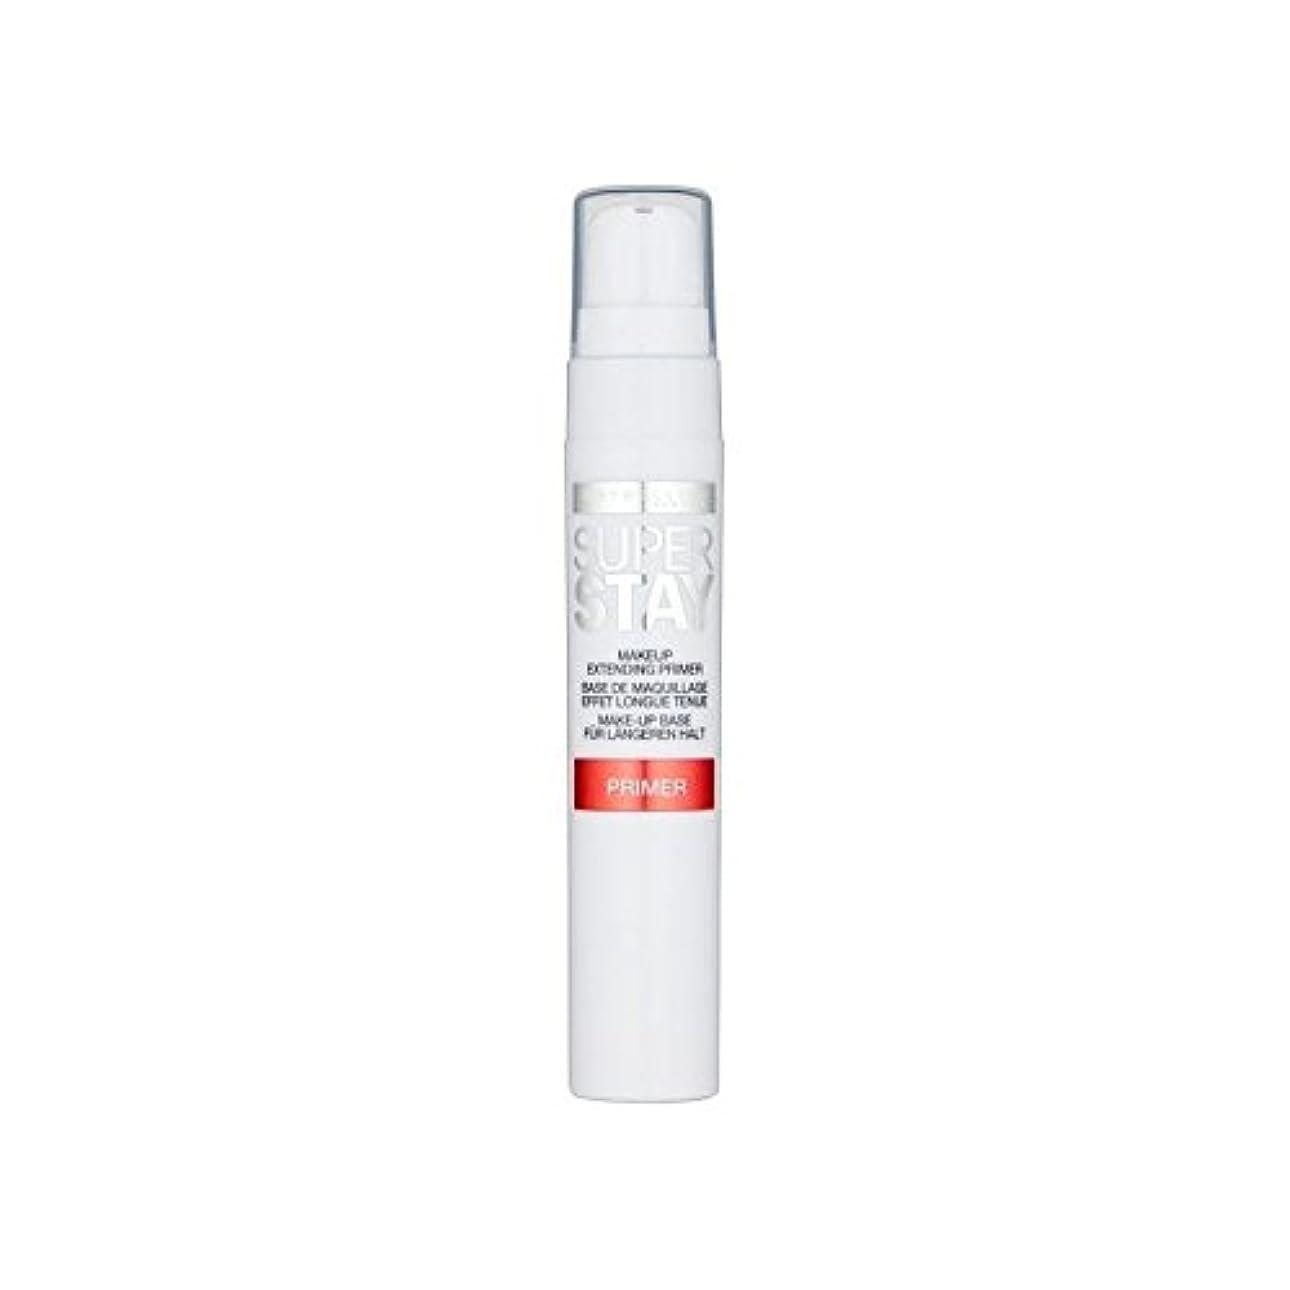 コンパニオン幅領域Maybelline Face Superstay 24H Primer (Pack of 6) - メイベリン顔 24とプライマー x6 [並行輸入品]